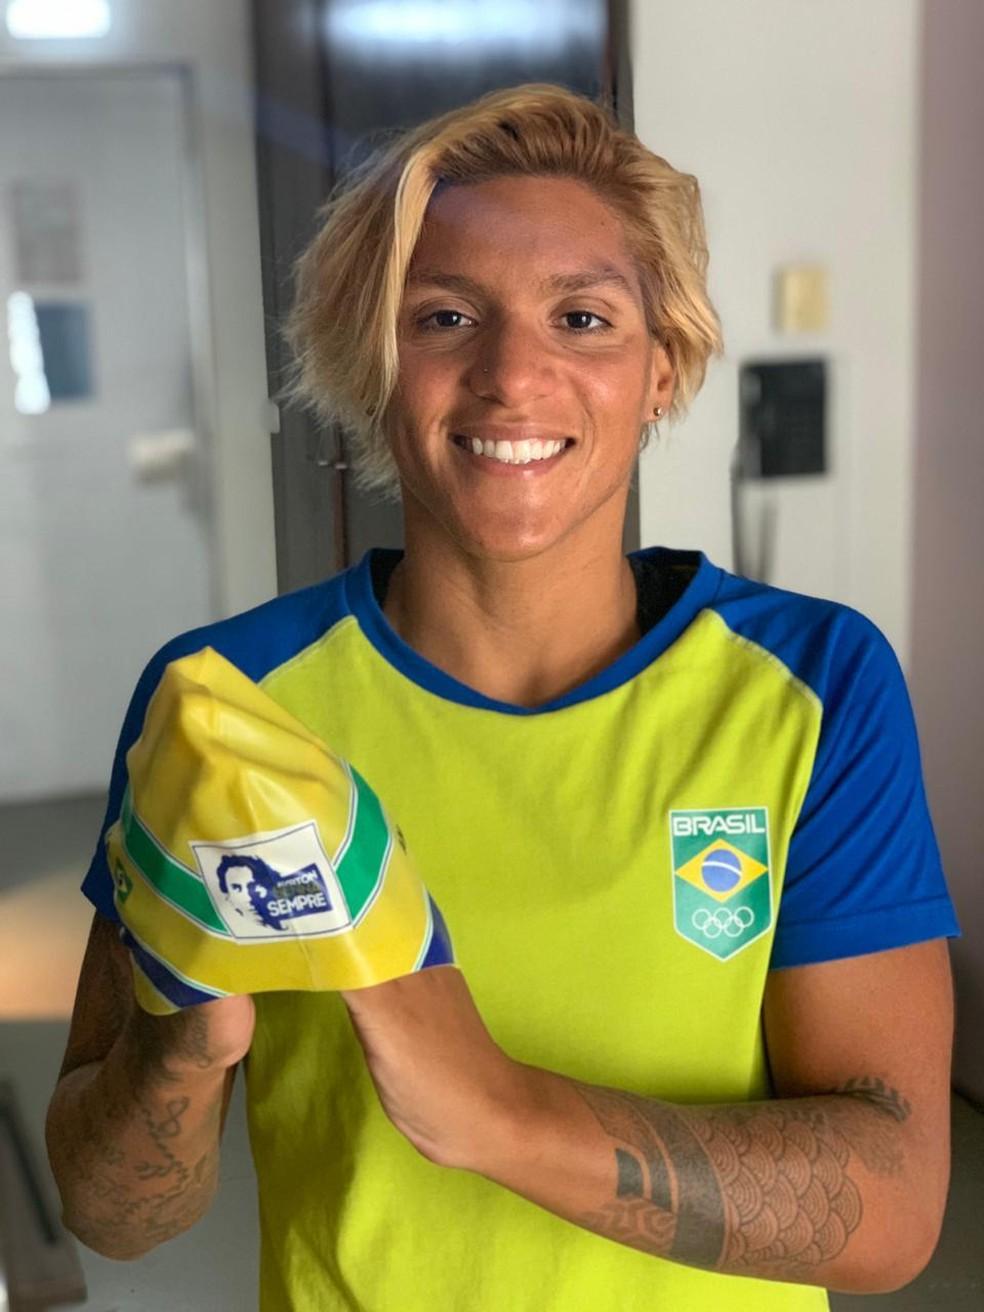 Ana Marcela com a touca — Foto: Divulgação